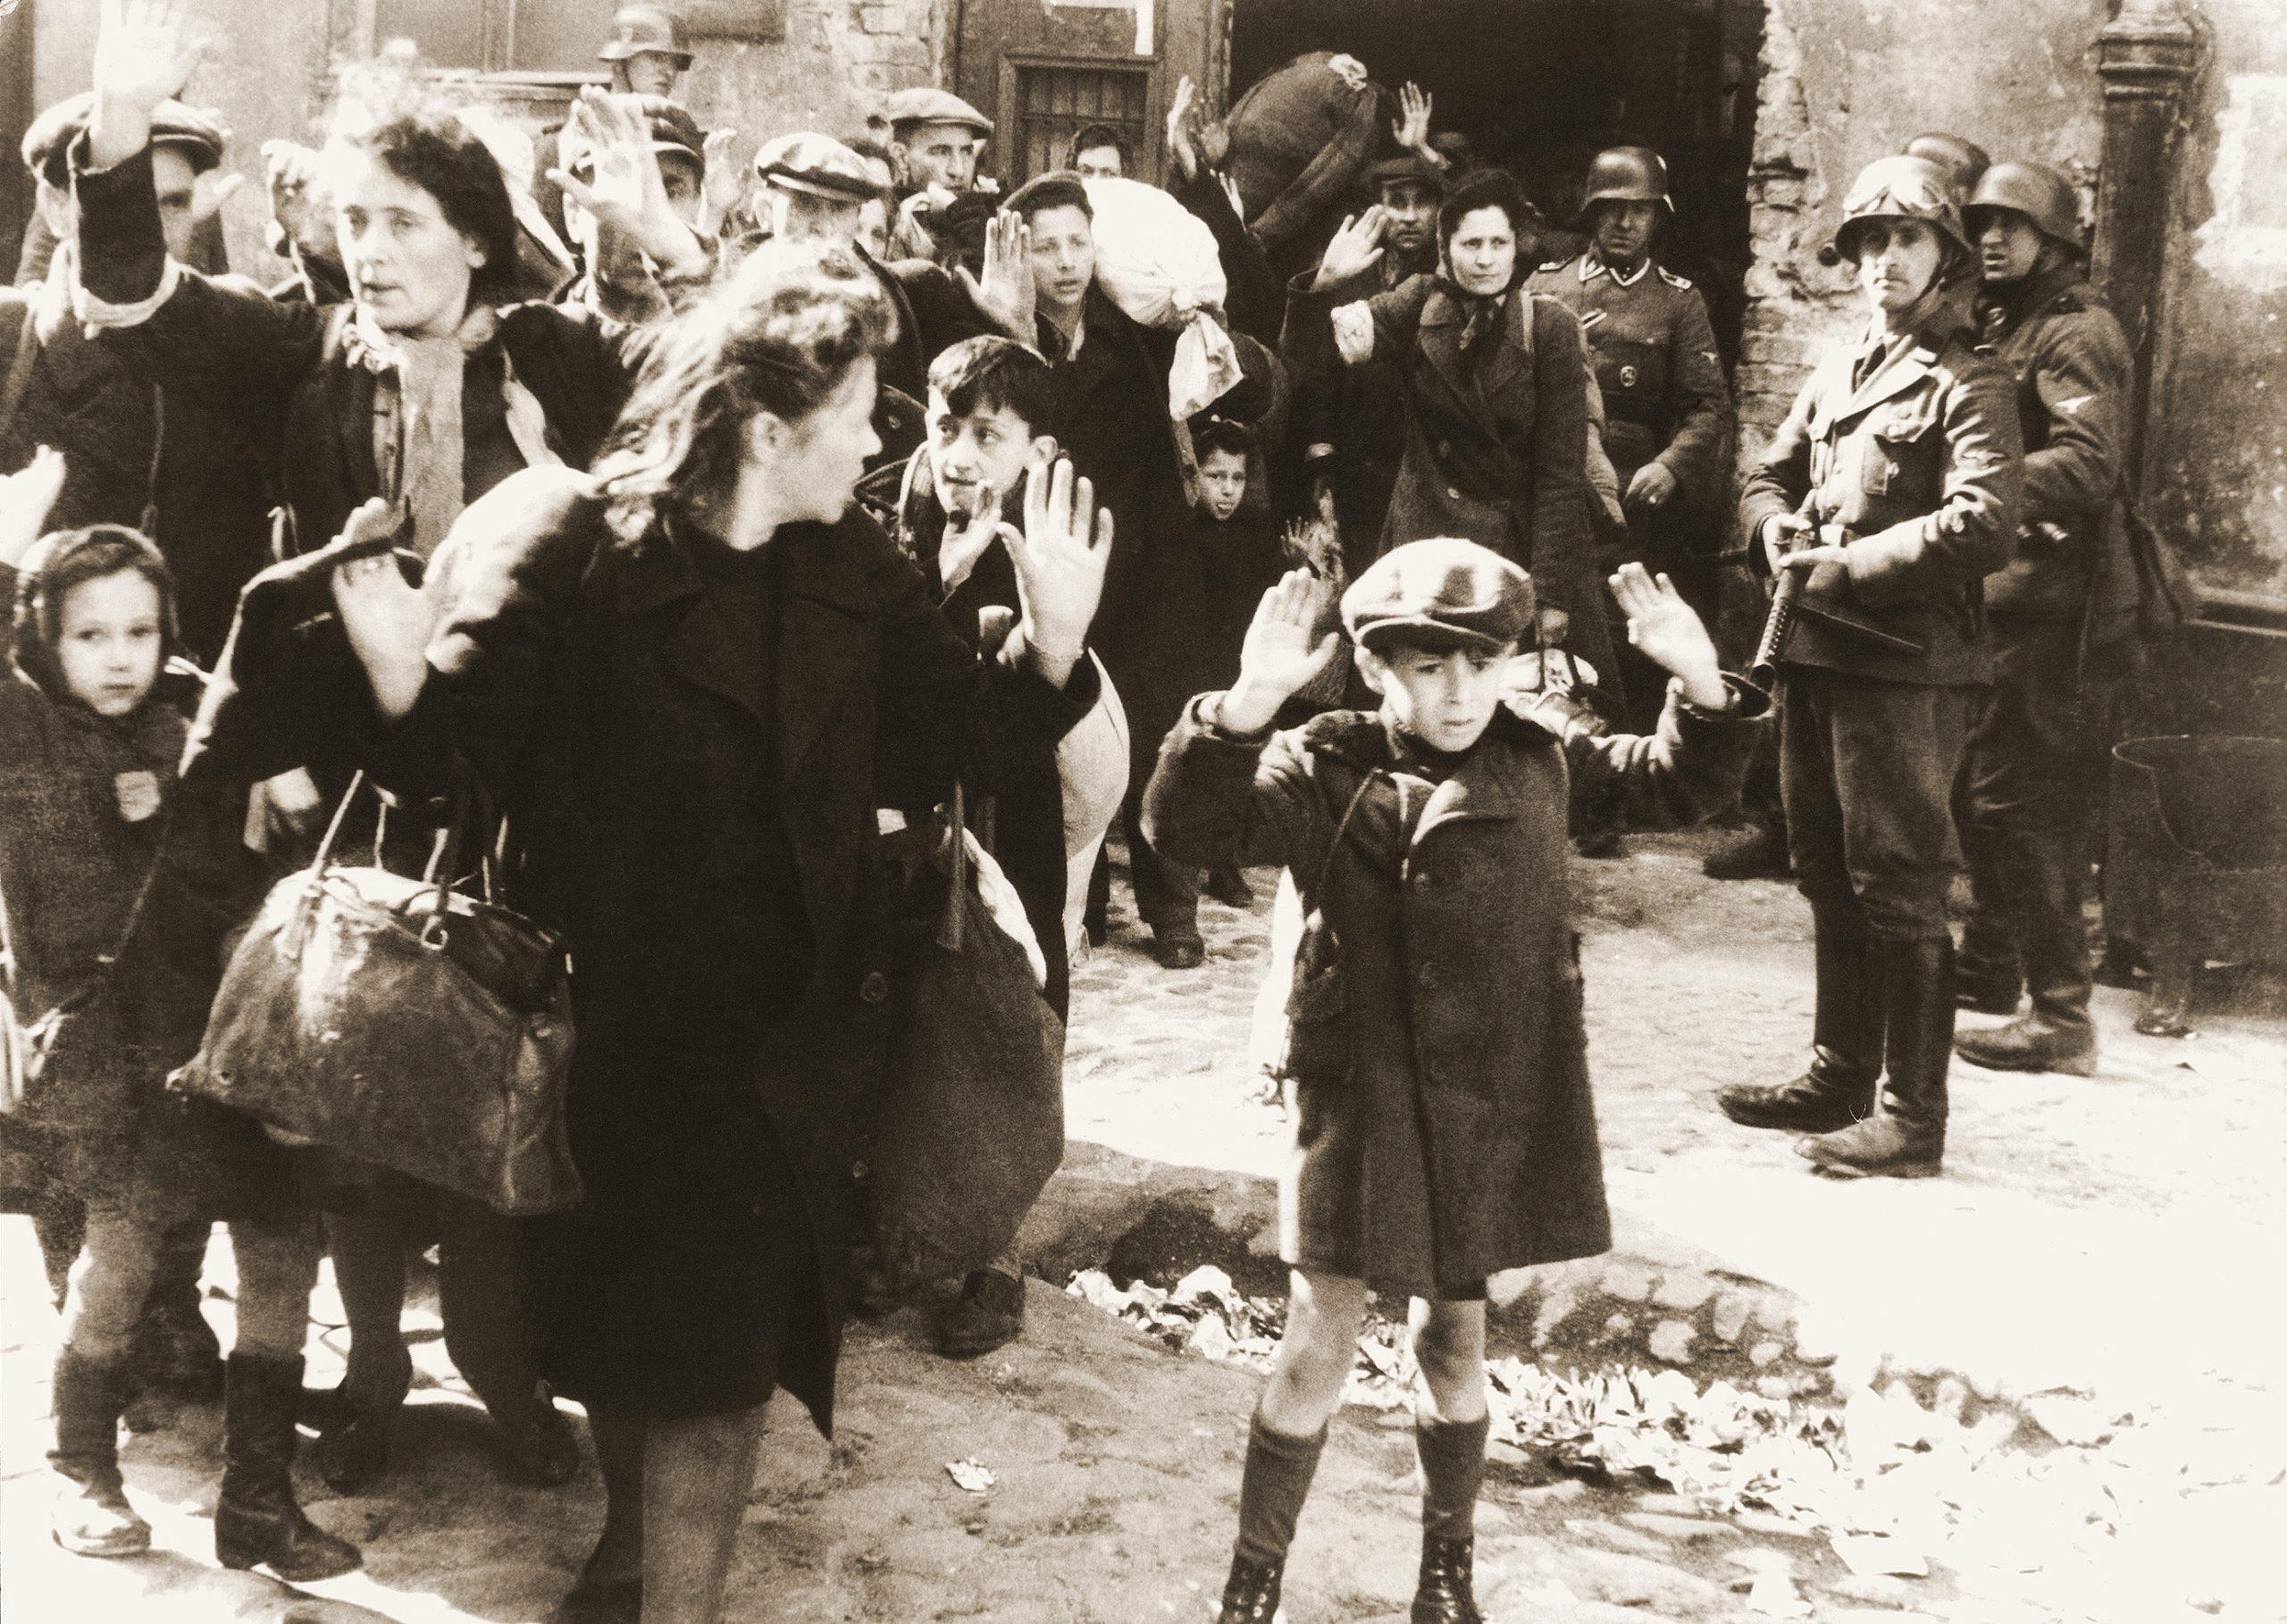 Żydowska ludność cywilna schwytana podczas tłumienia powstania z raportu Jurgena Stroopa